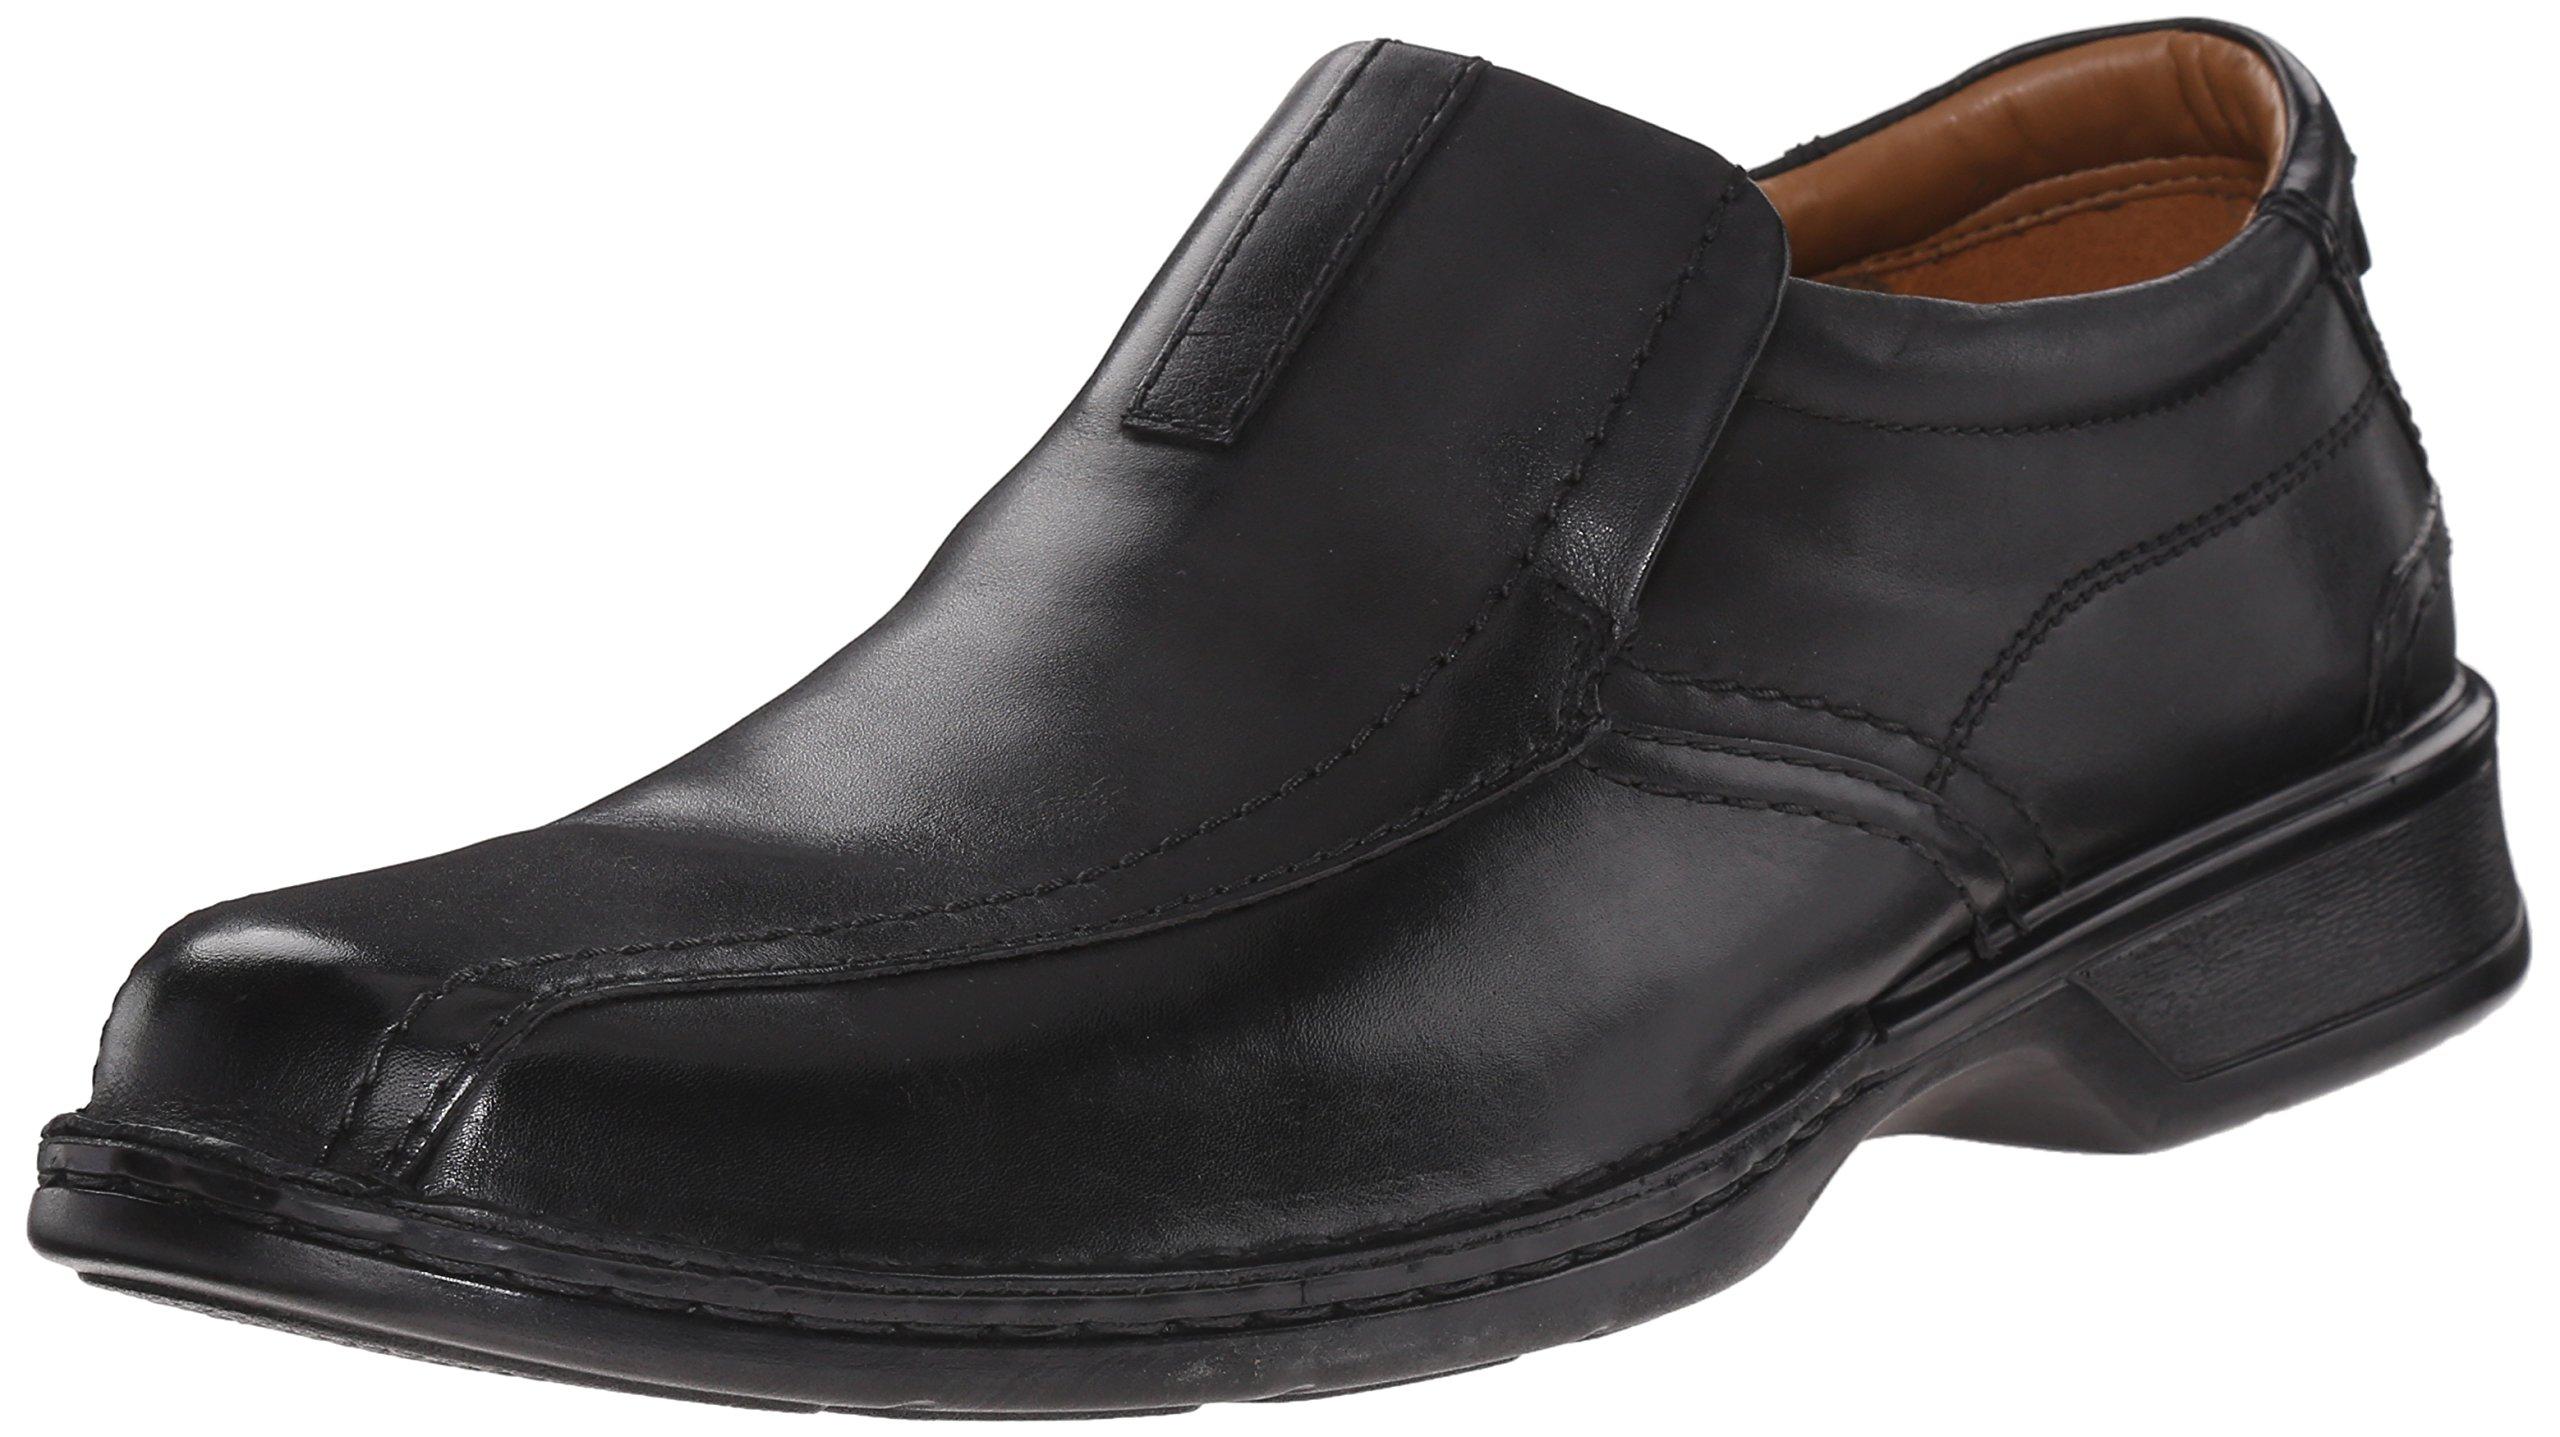 Clarks Men's Escalade Step Slip-on Loafer- Black Leather 10.5 D(M) US